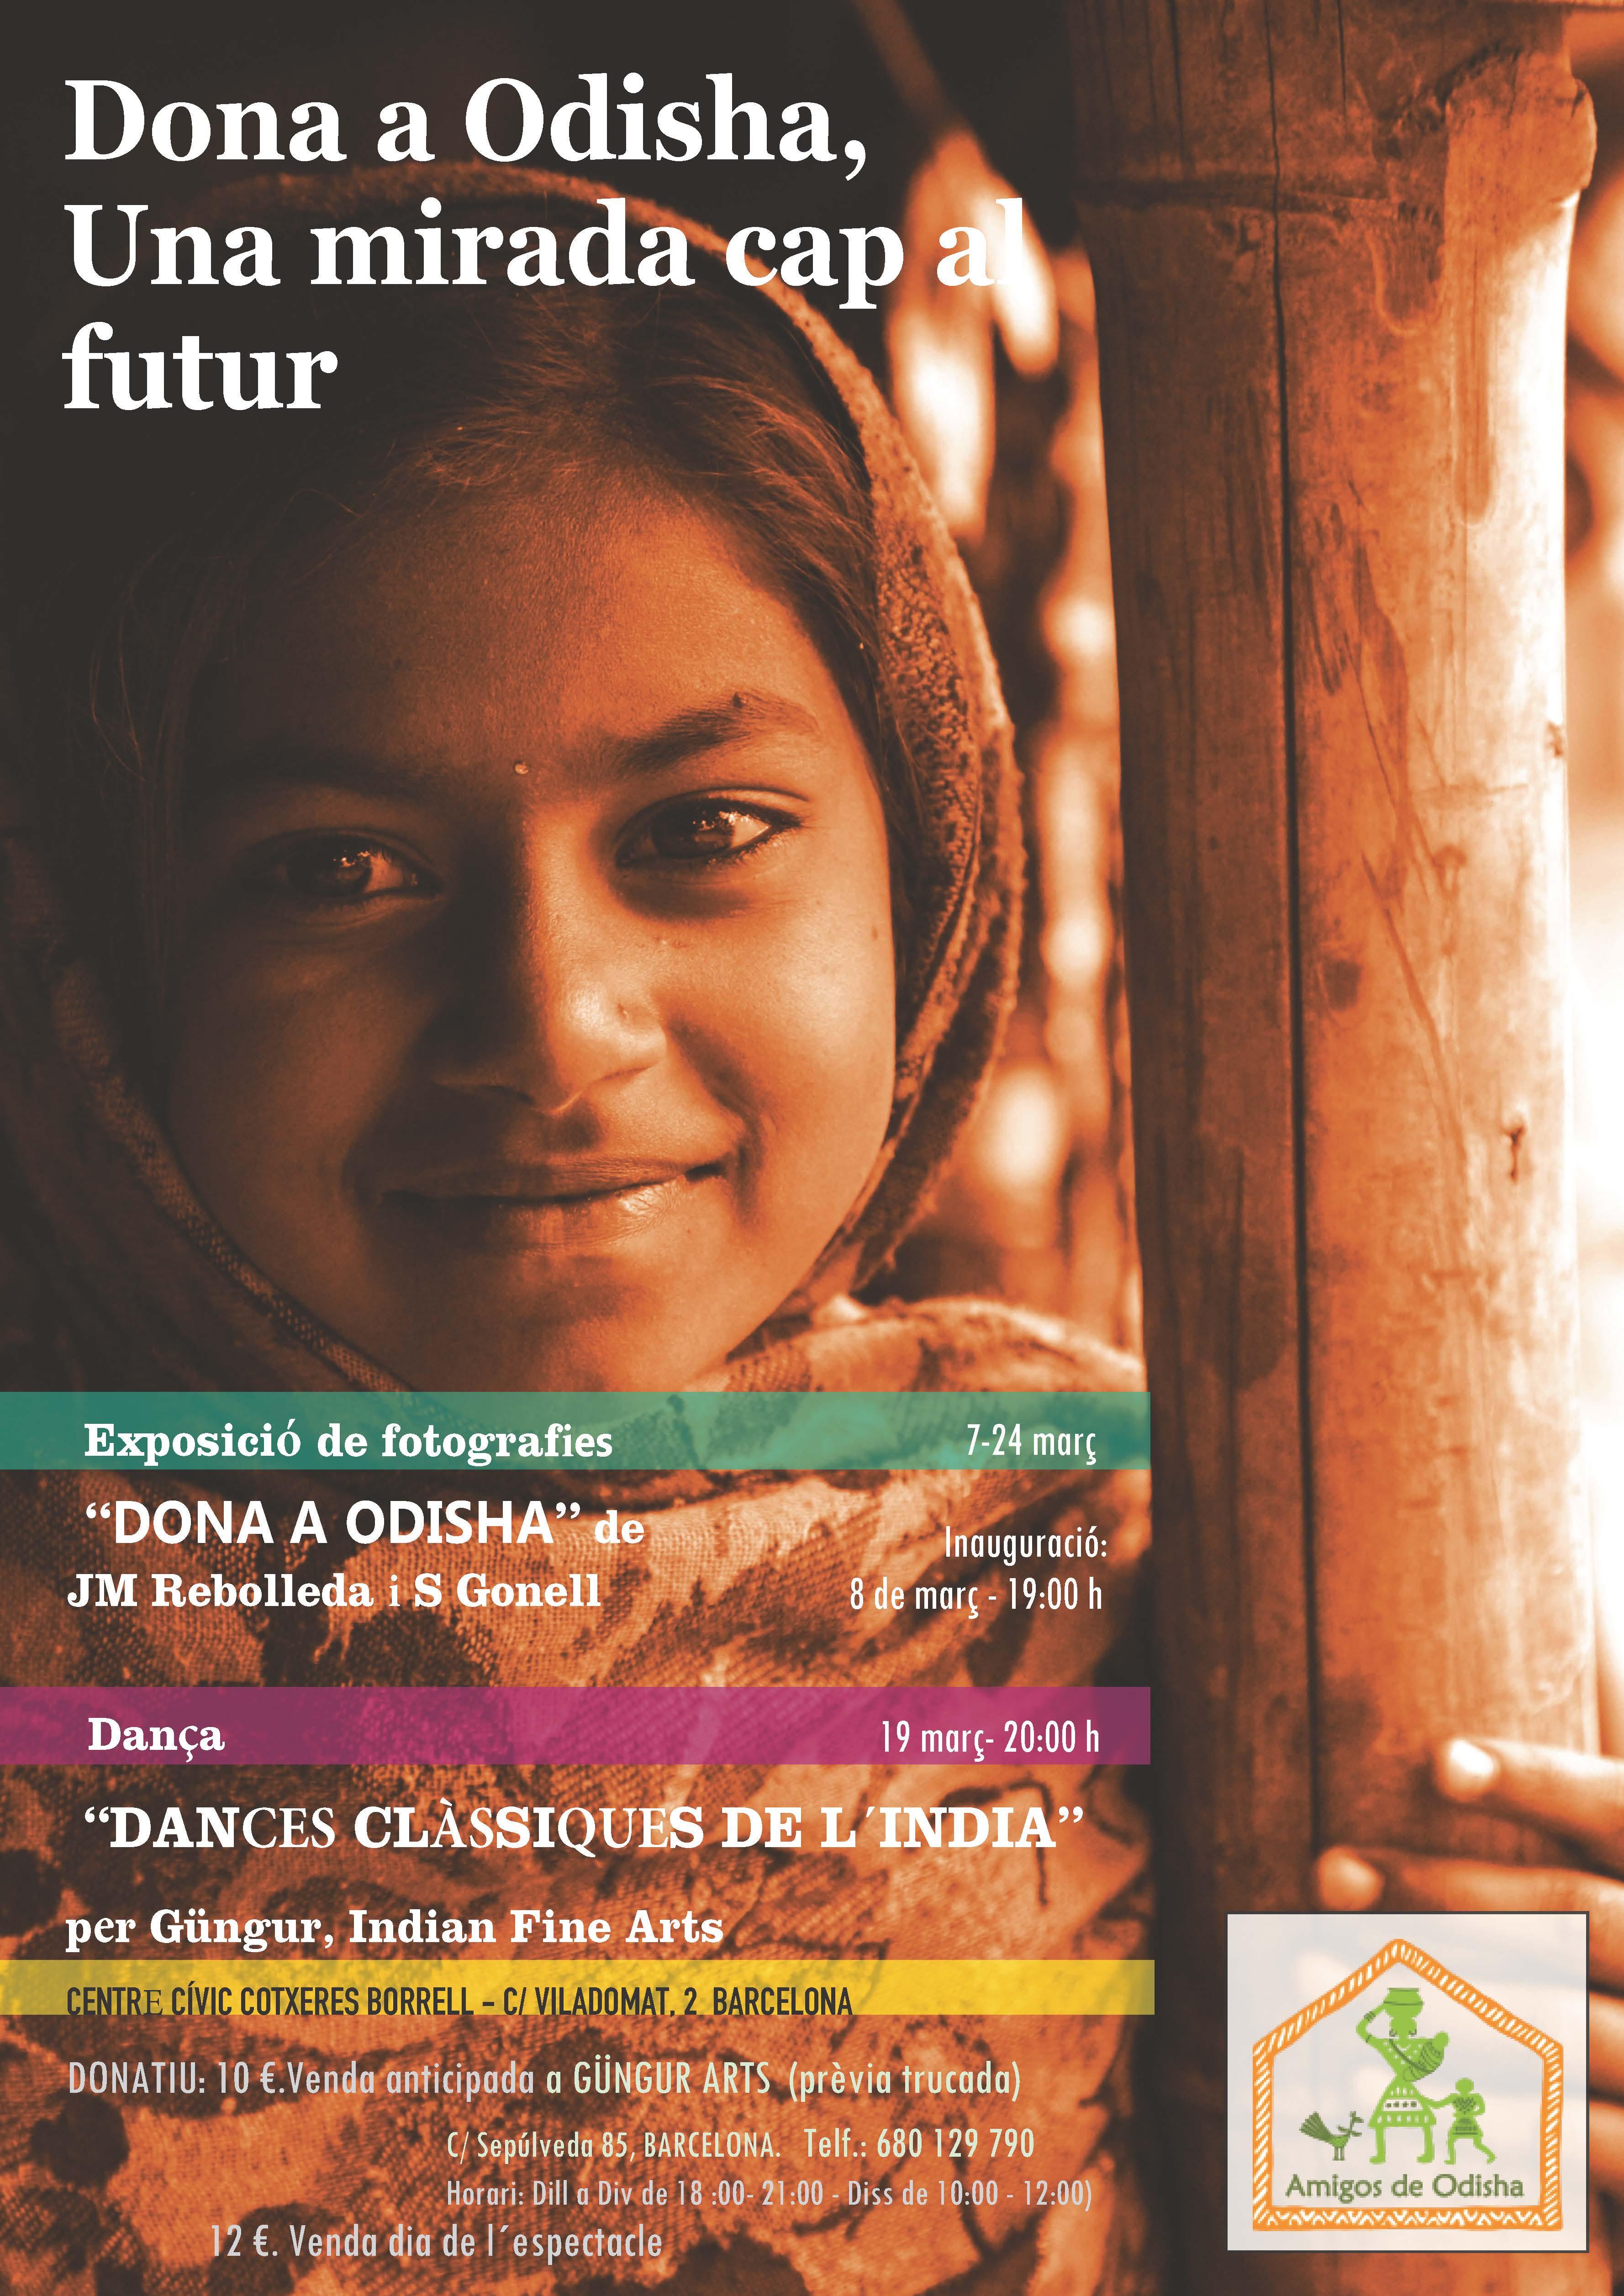 Dona a Odisha